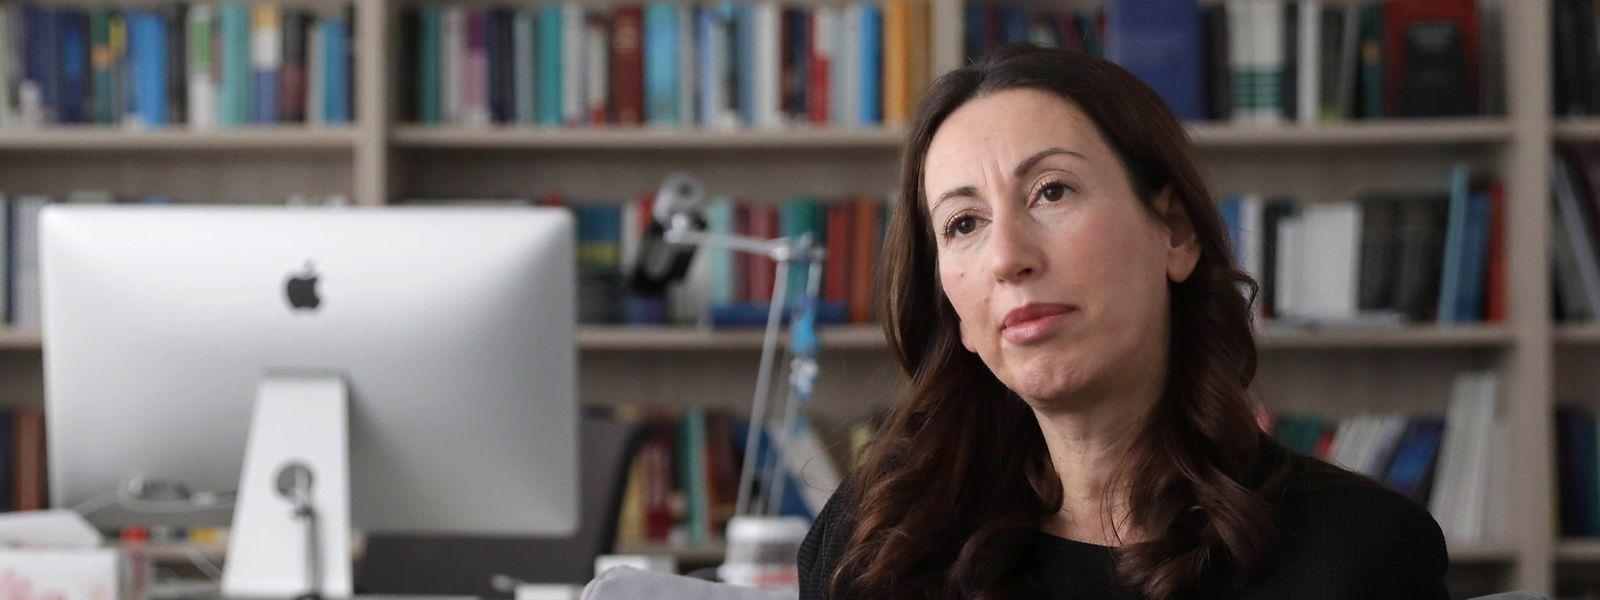 """""""Wir haben sehr gute Erfahrungen mit externen Partnern gemacht"""", sagt Prof. Dr. Katalin Ligeti, Dekanin der Fakultät für Recht, Wirtschaft und Finanzen (FDEF), beim Gespräch in ihrem Büro."""